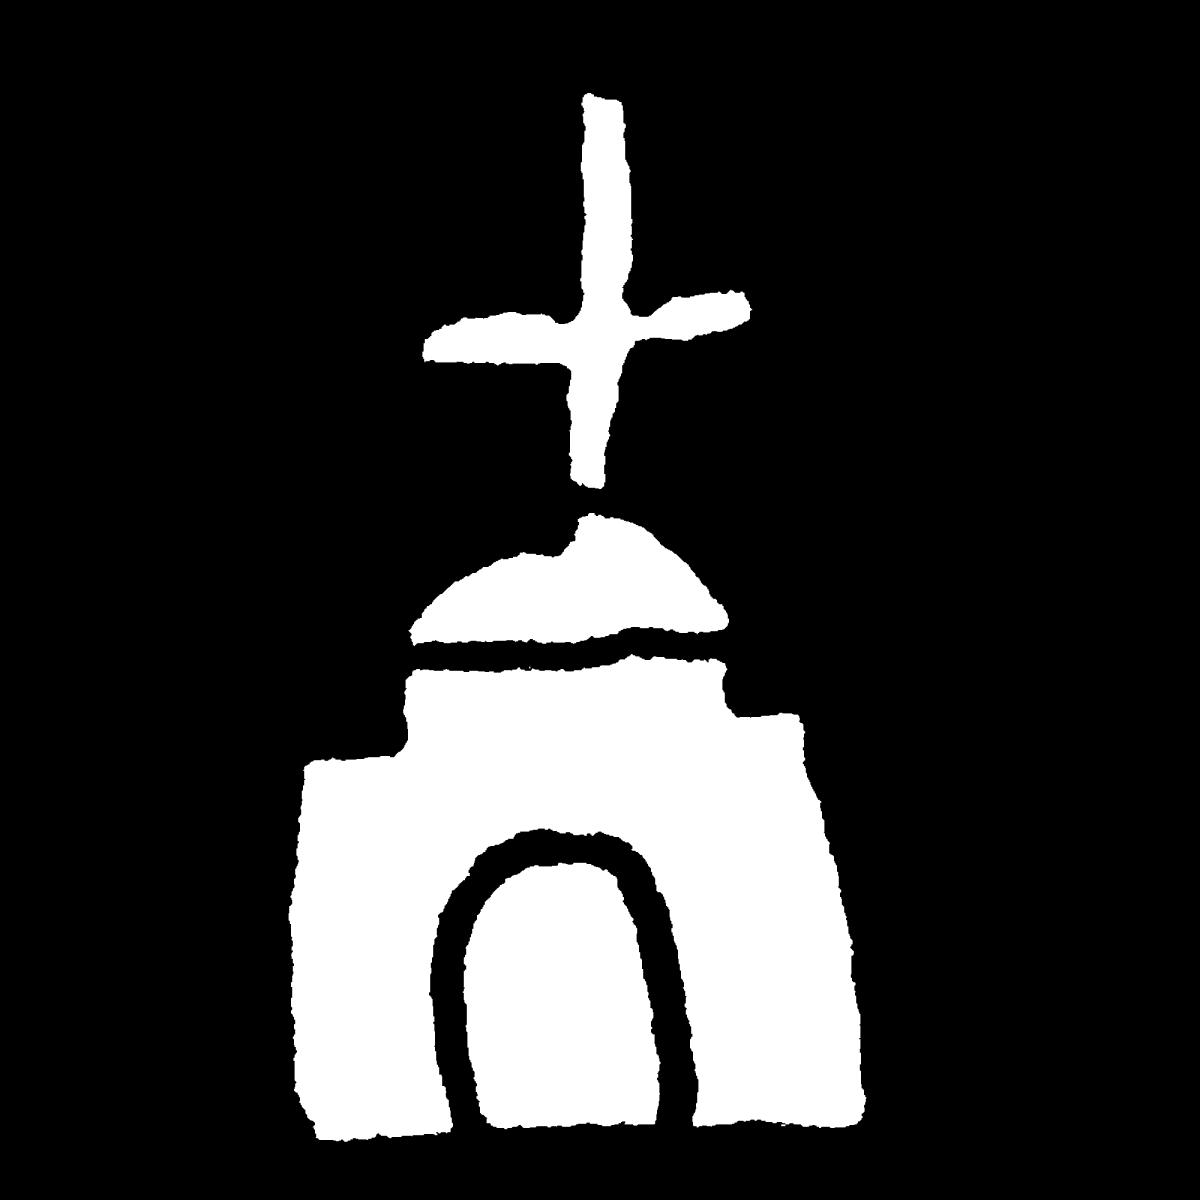 教会のイラスト Church  Illustration